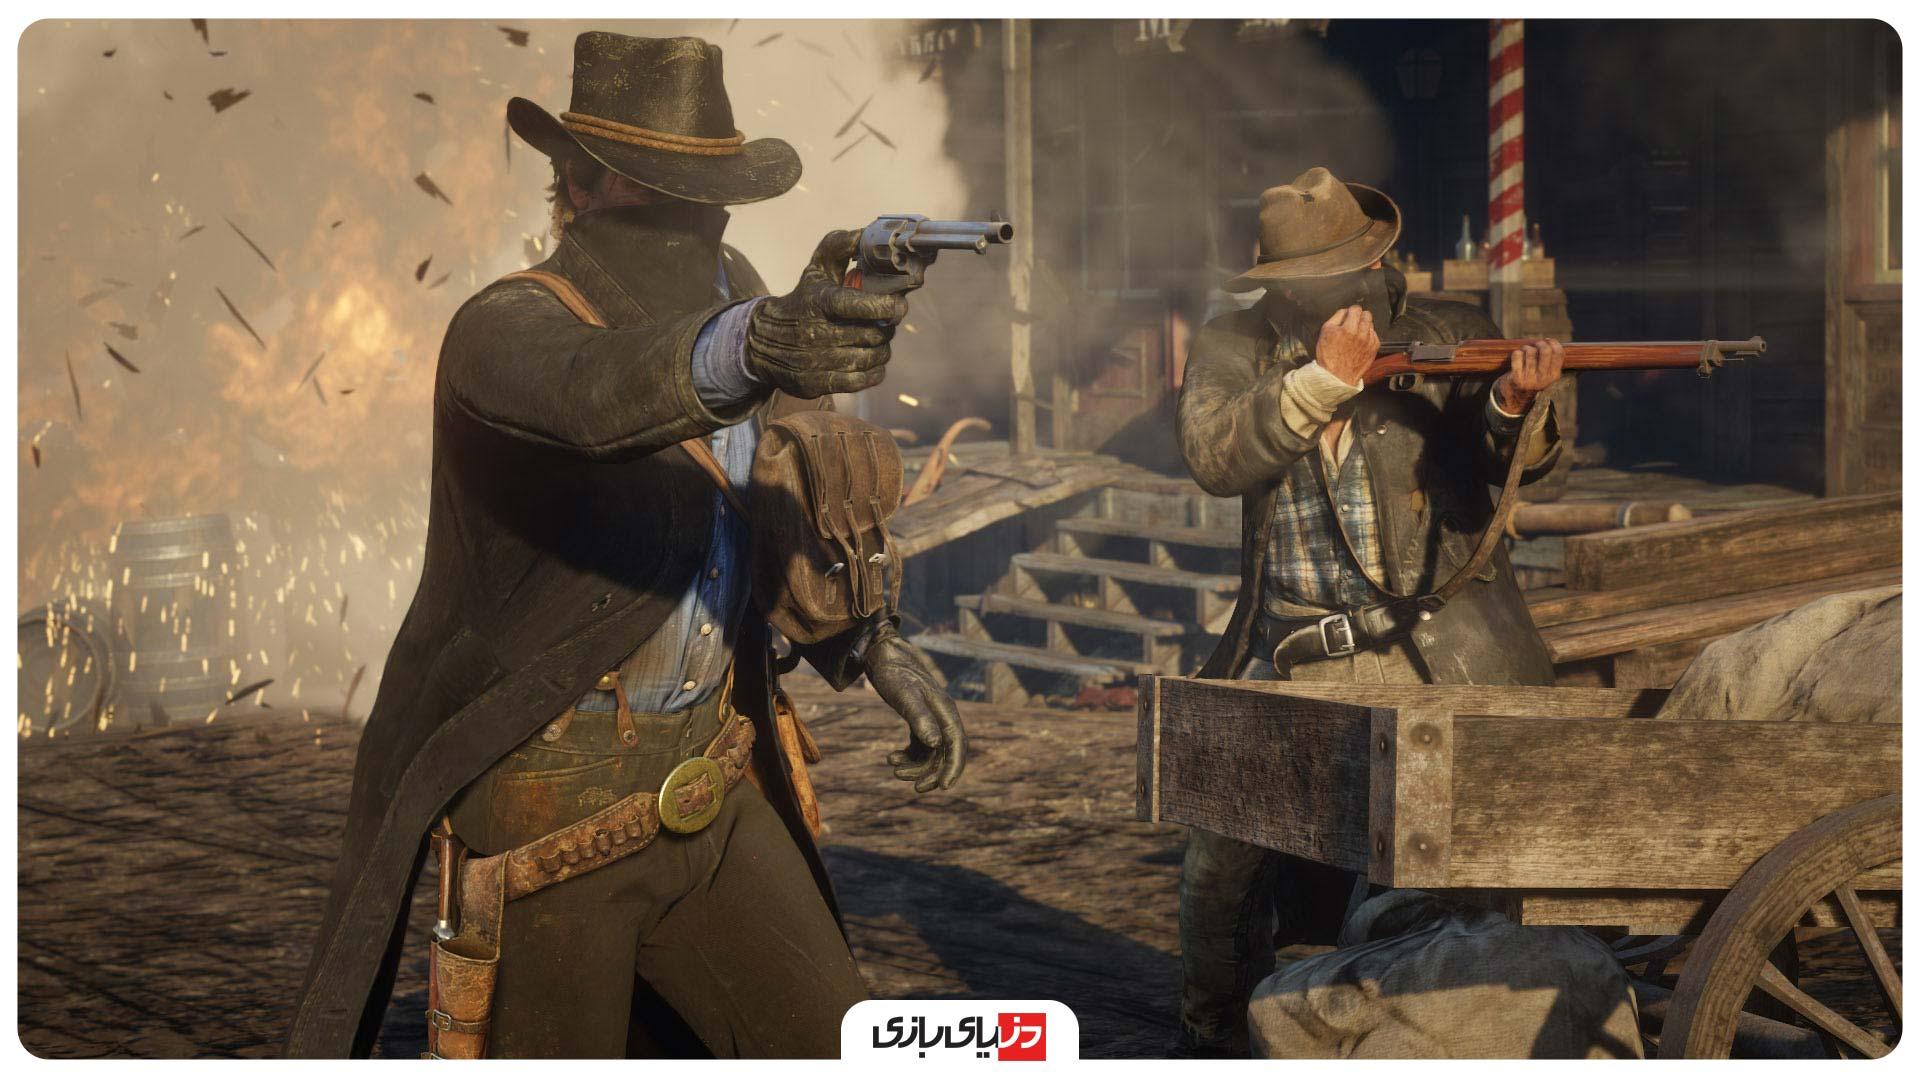 بازی های مشابه GTA V - بازی Red Dead Redemption 2